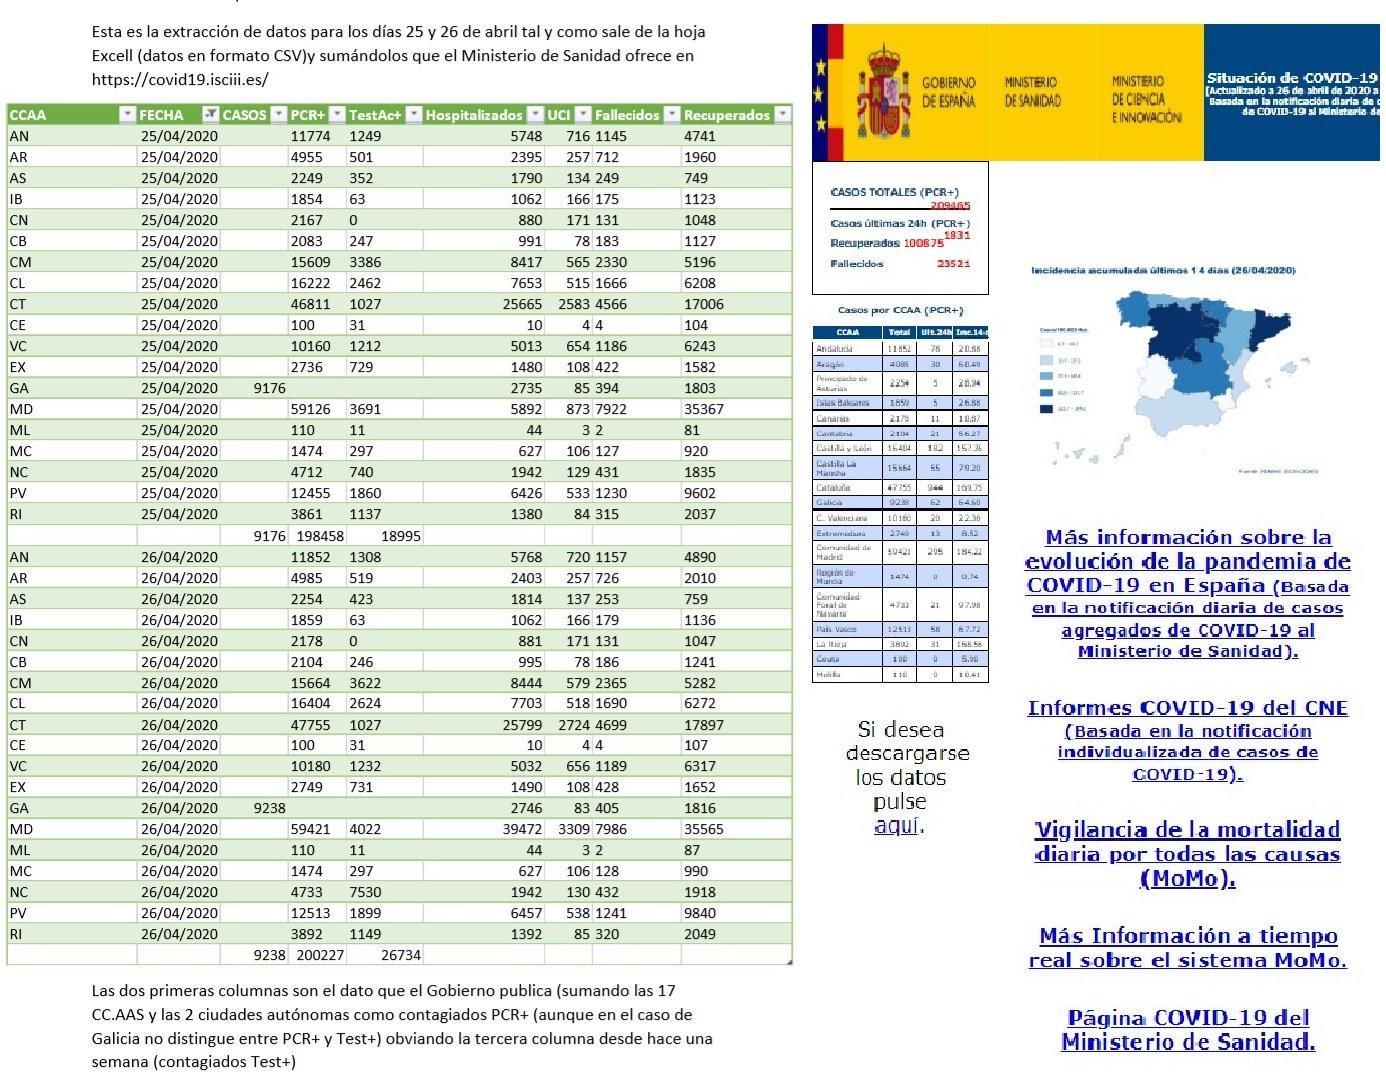 Datos oficiales y ocultados por Sanidad